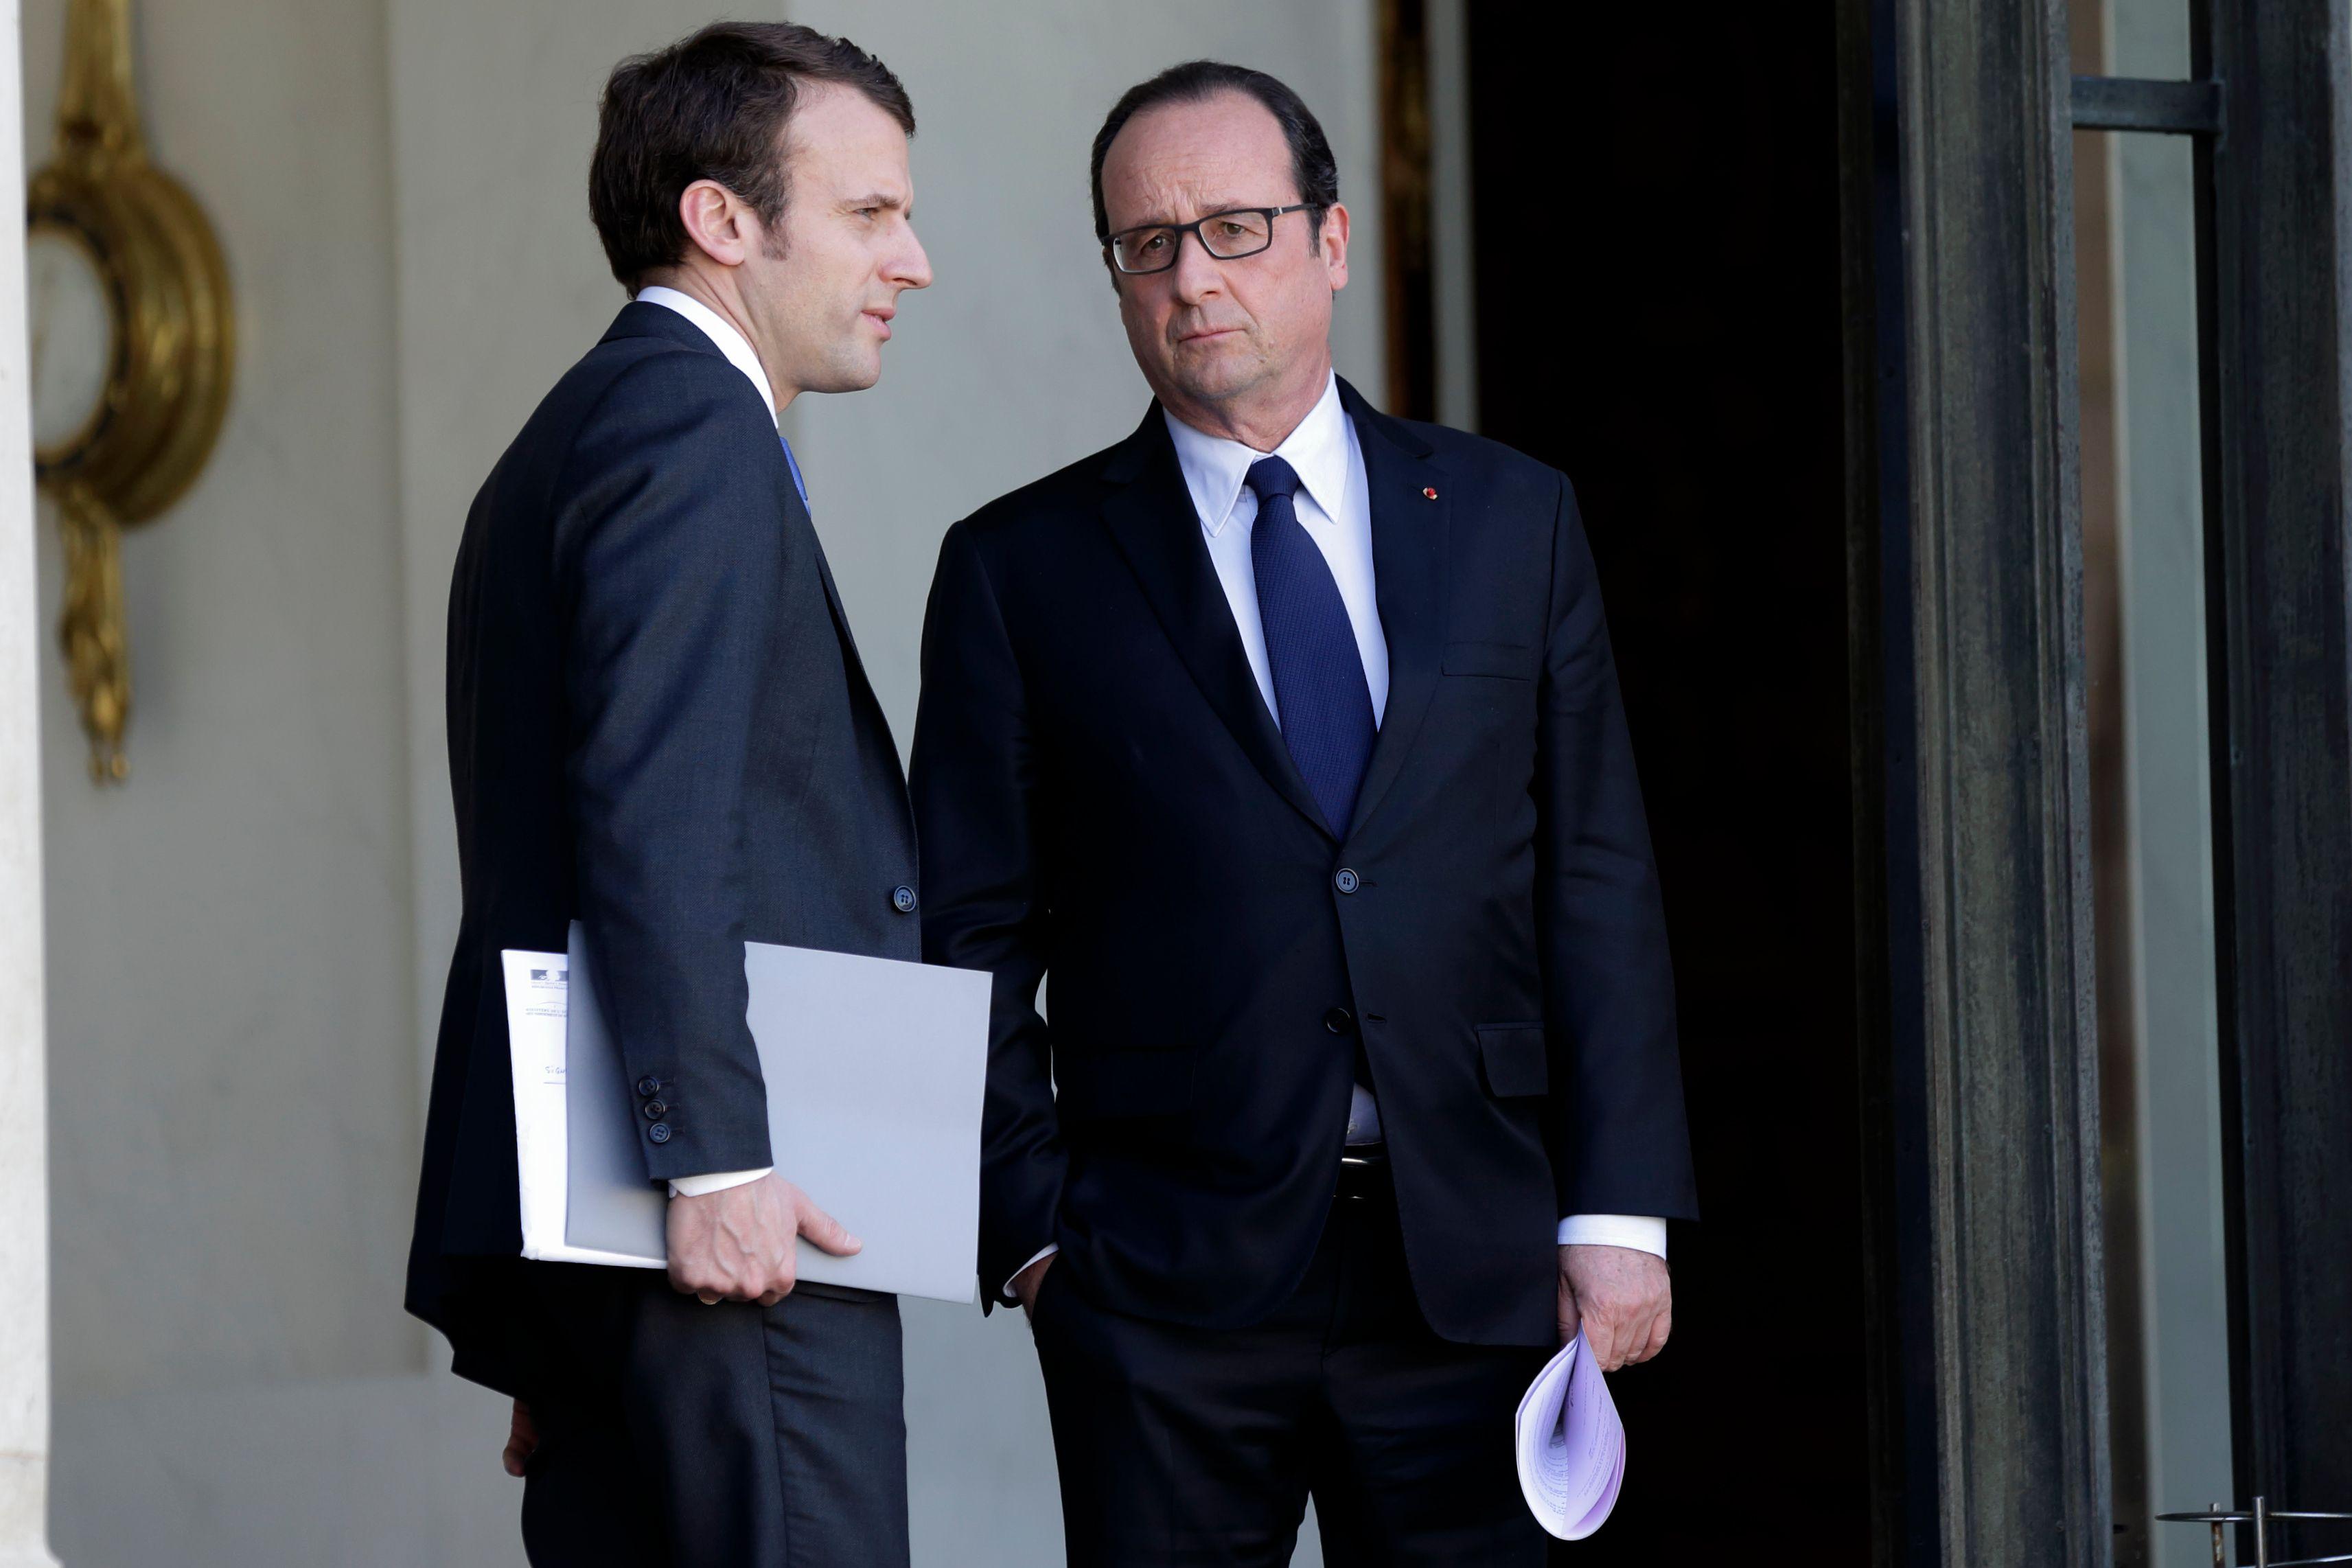 Emmanuel Macron souhaite que sa candidature ne fasse plus aucun doute dans l'esprit des Français. Lorsqu'il l'annoncera, ce ne sera pas une surprise. En revanche, ce sera un moment politique, car il actera sa trahison vis-à-vis de François Hollande.